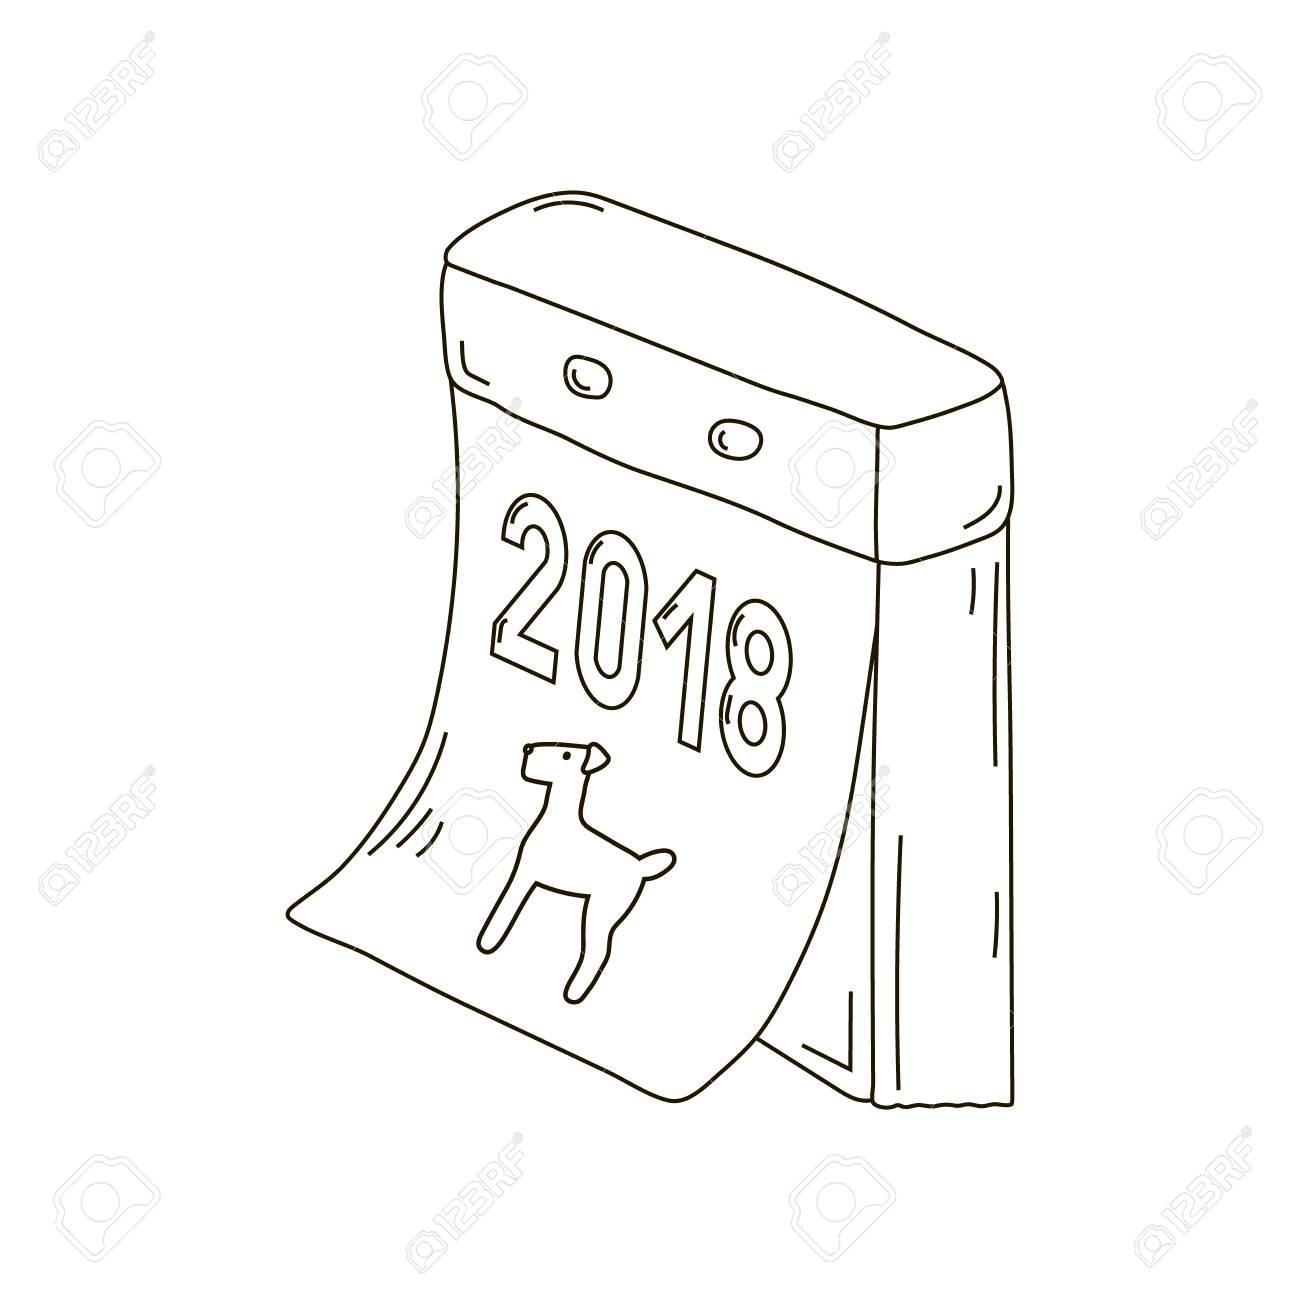 1300x1300 Retro Calendar Tear Off Russian New Year, Dog, Draw, Two, Zero